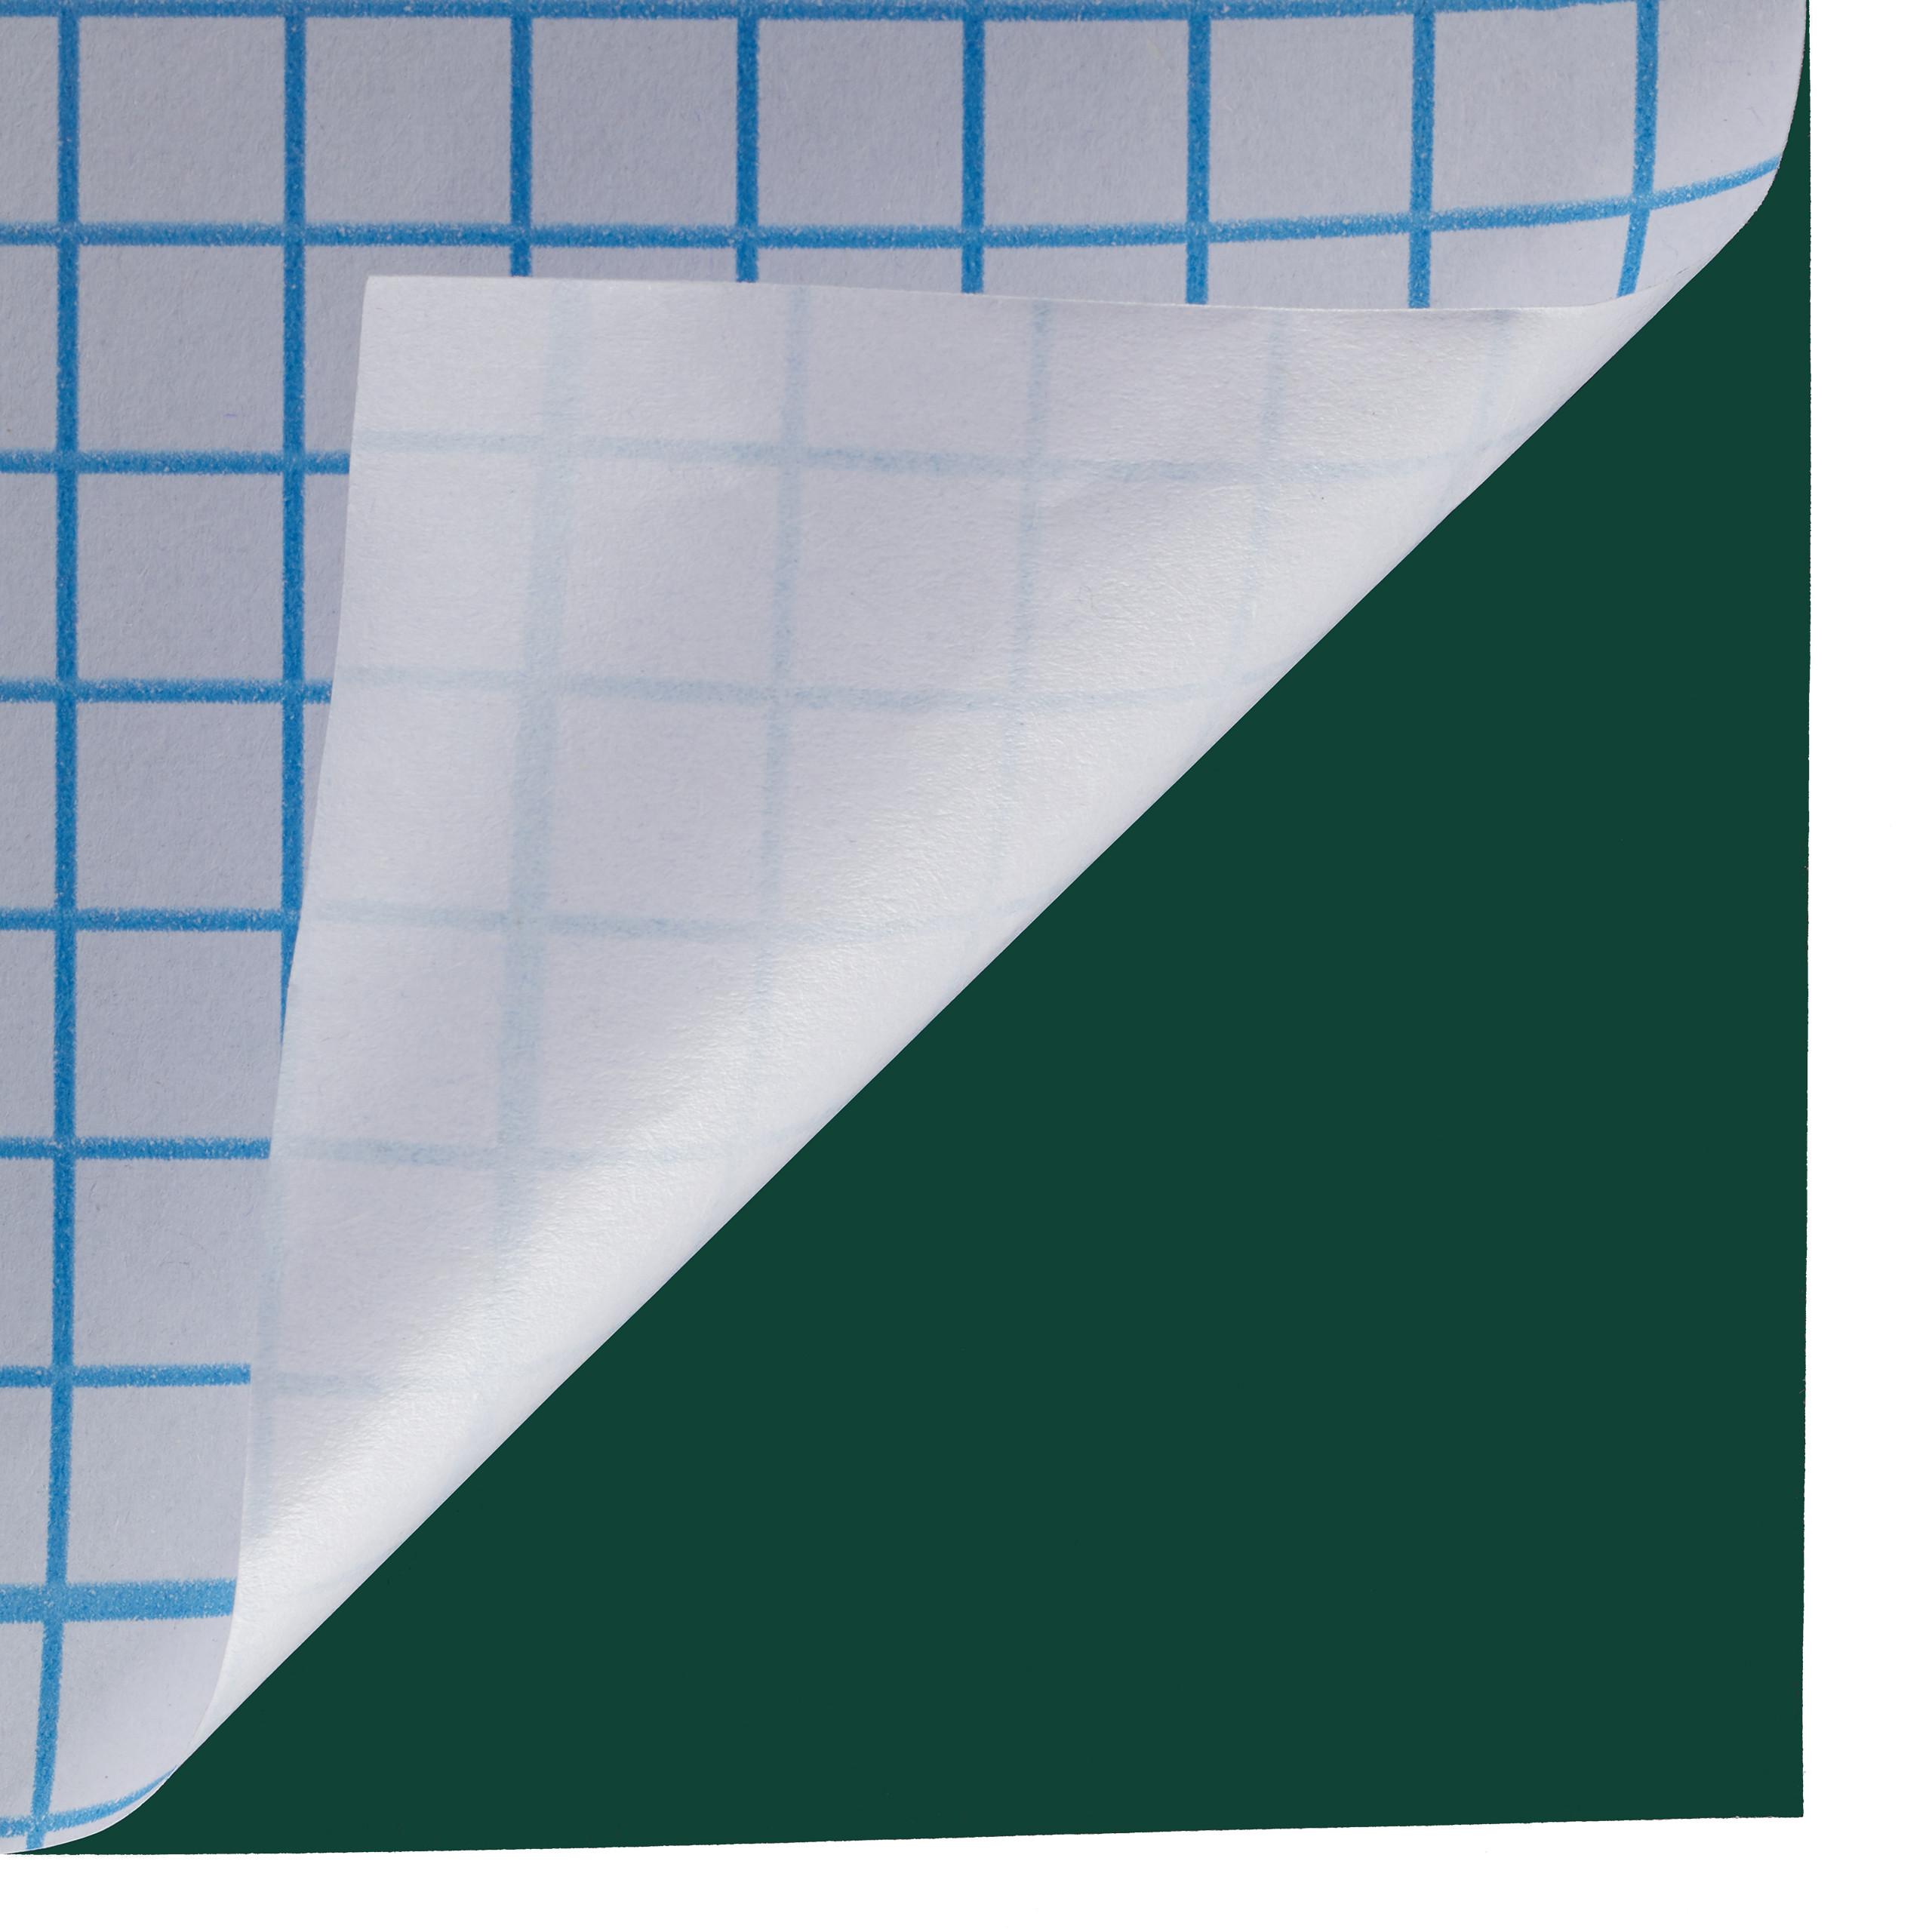 Tableau Film Autocollant Craie Film Tableau Papier peint Table Papier Adhésif 200 cm Tablette